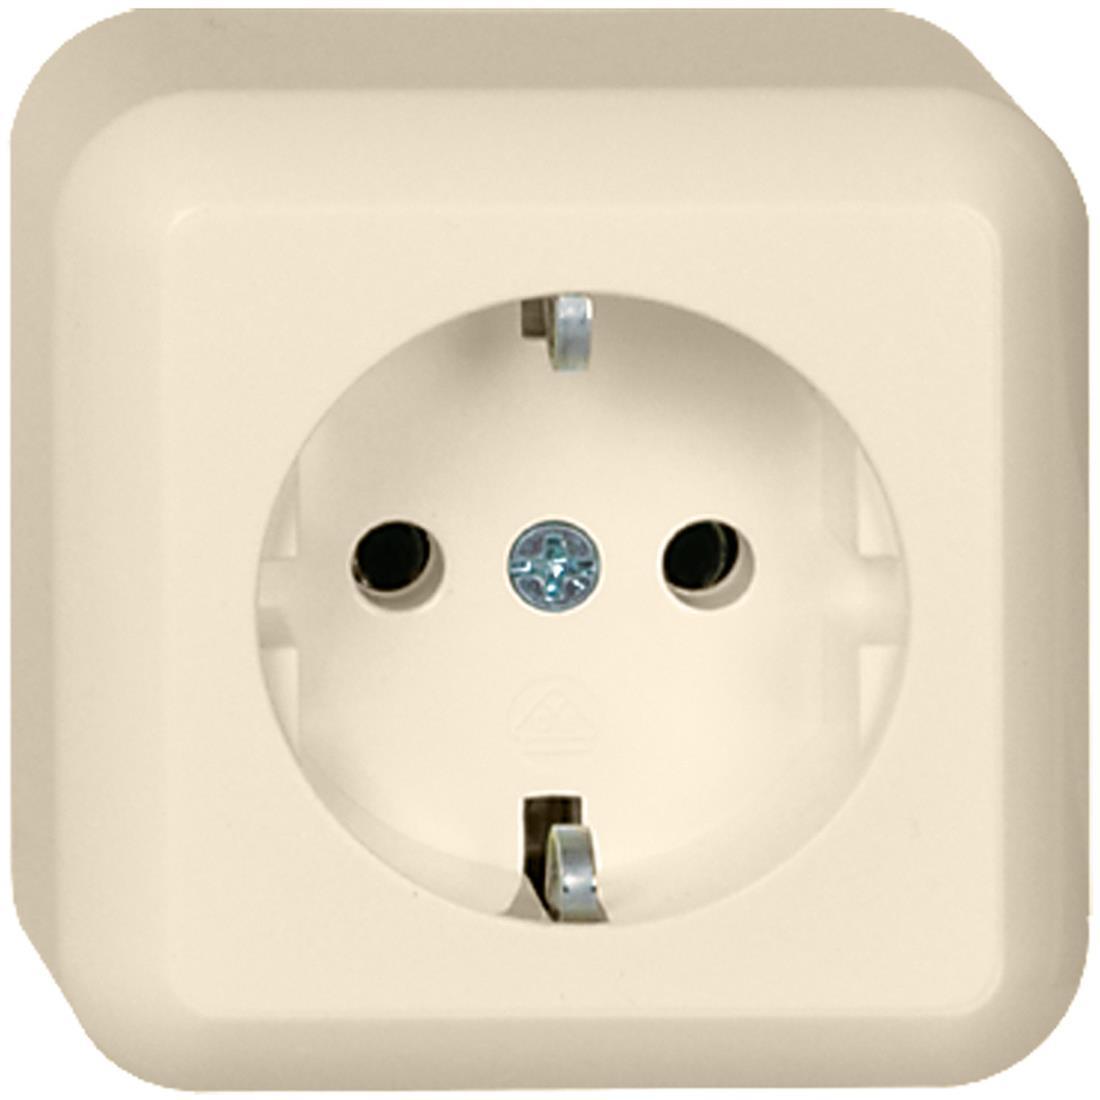 Schneider Electric Contura opbouw enkelvoudige wandcontactdoos met randaarde 16A 250V - crème wit (385000)